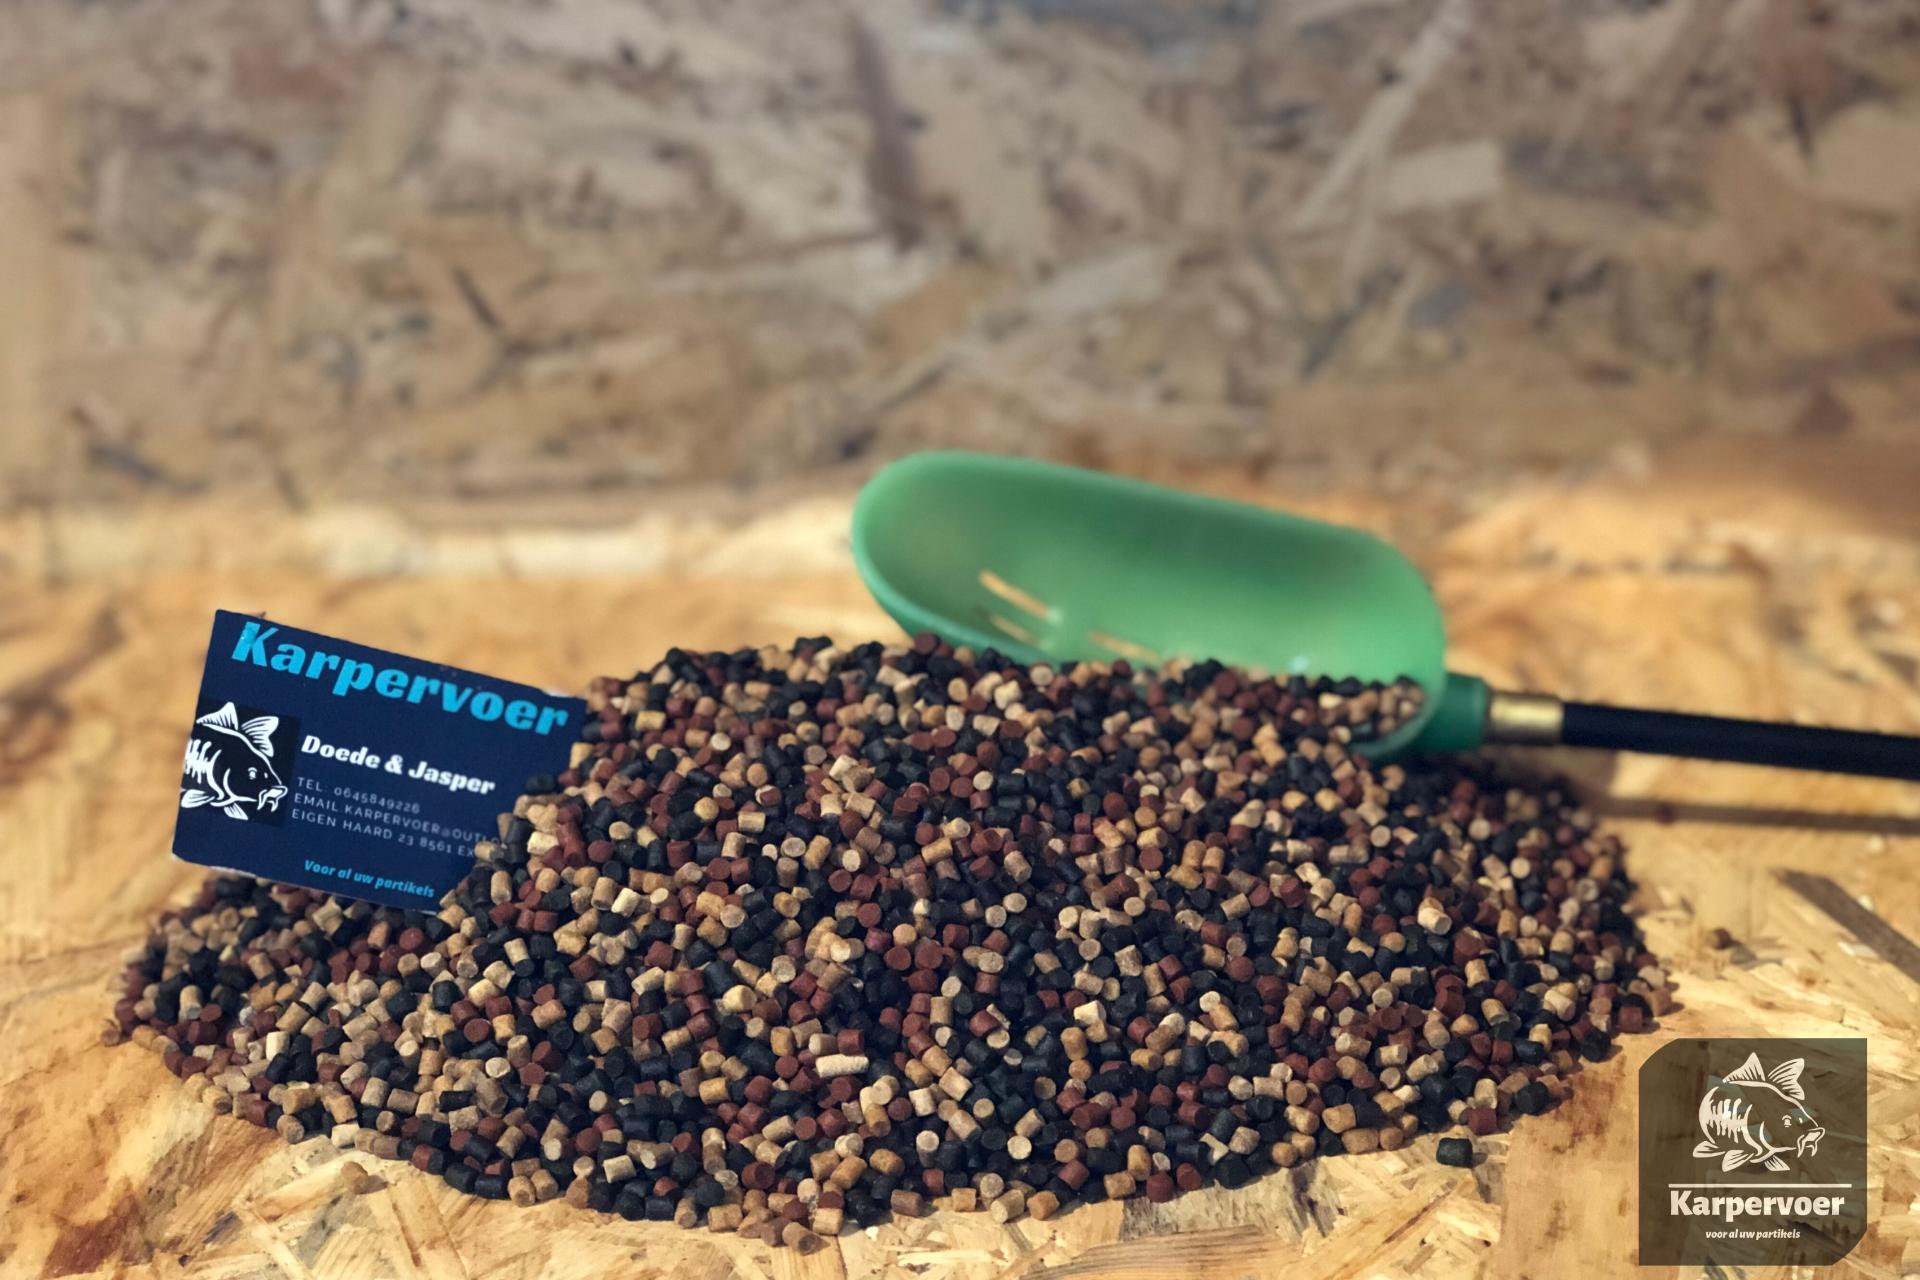 Karpervoer Balk Pellet mix 4mm 1kg